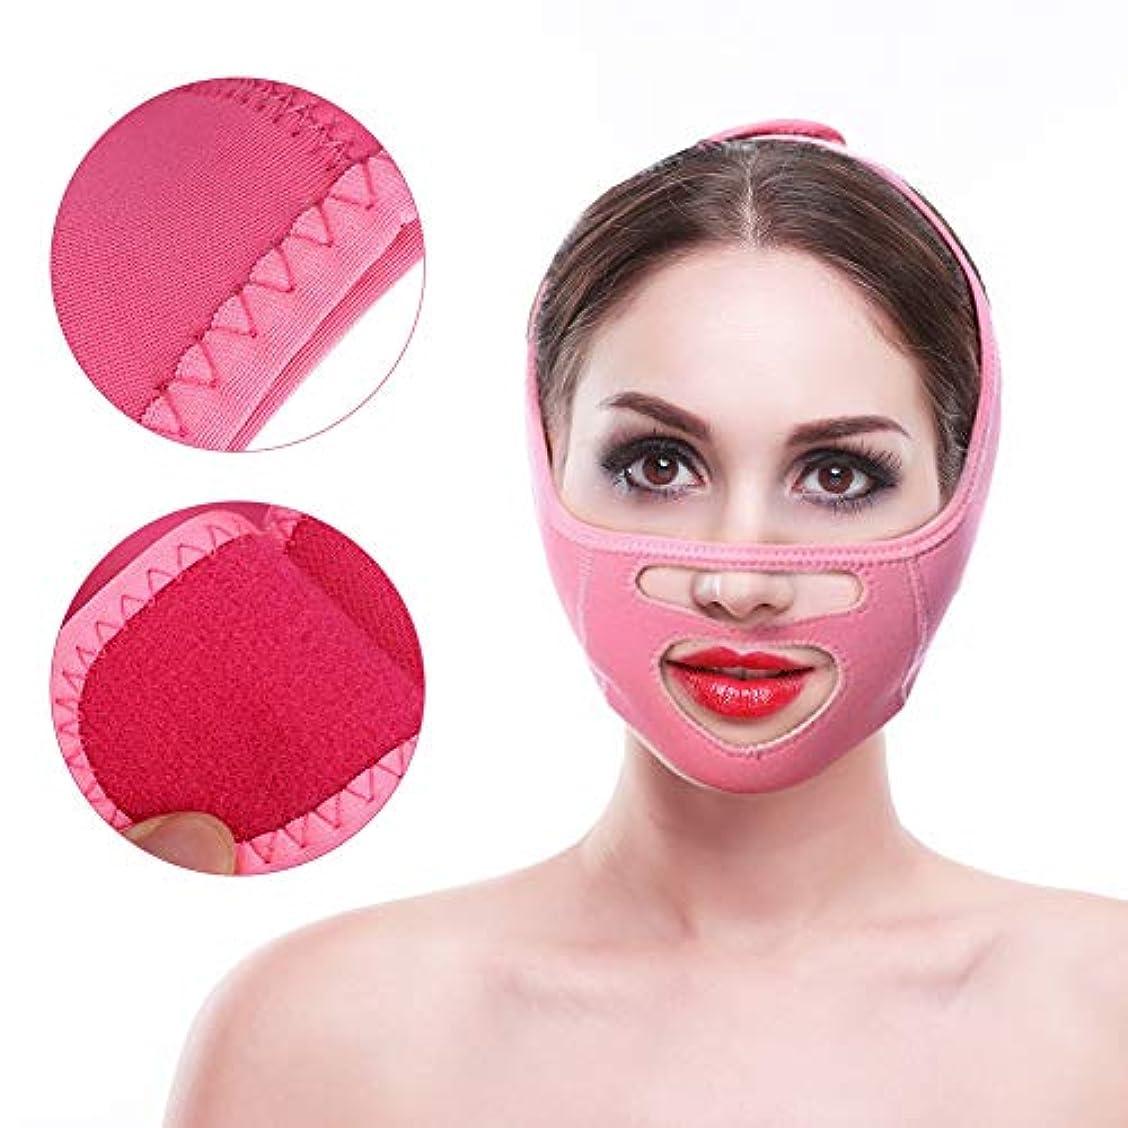 相続人破産スリーブ顔の持ち上がる整形ベルト、効果的に顔の形を改善し、顔と首の二重あごに肌を引き締め包帯を減らす